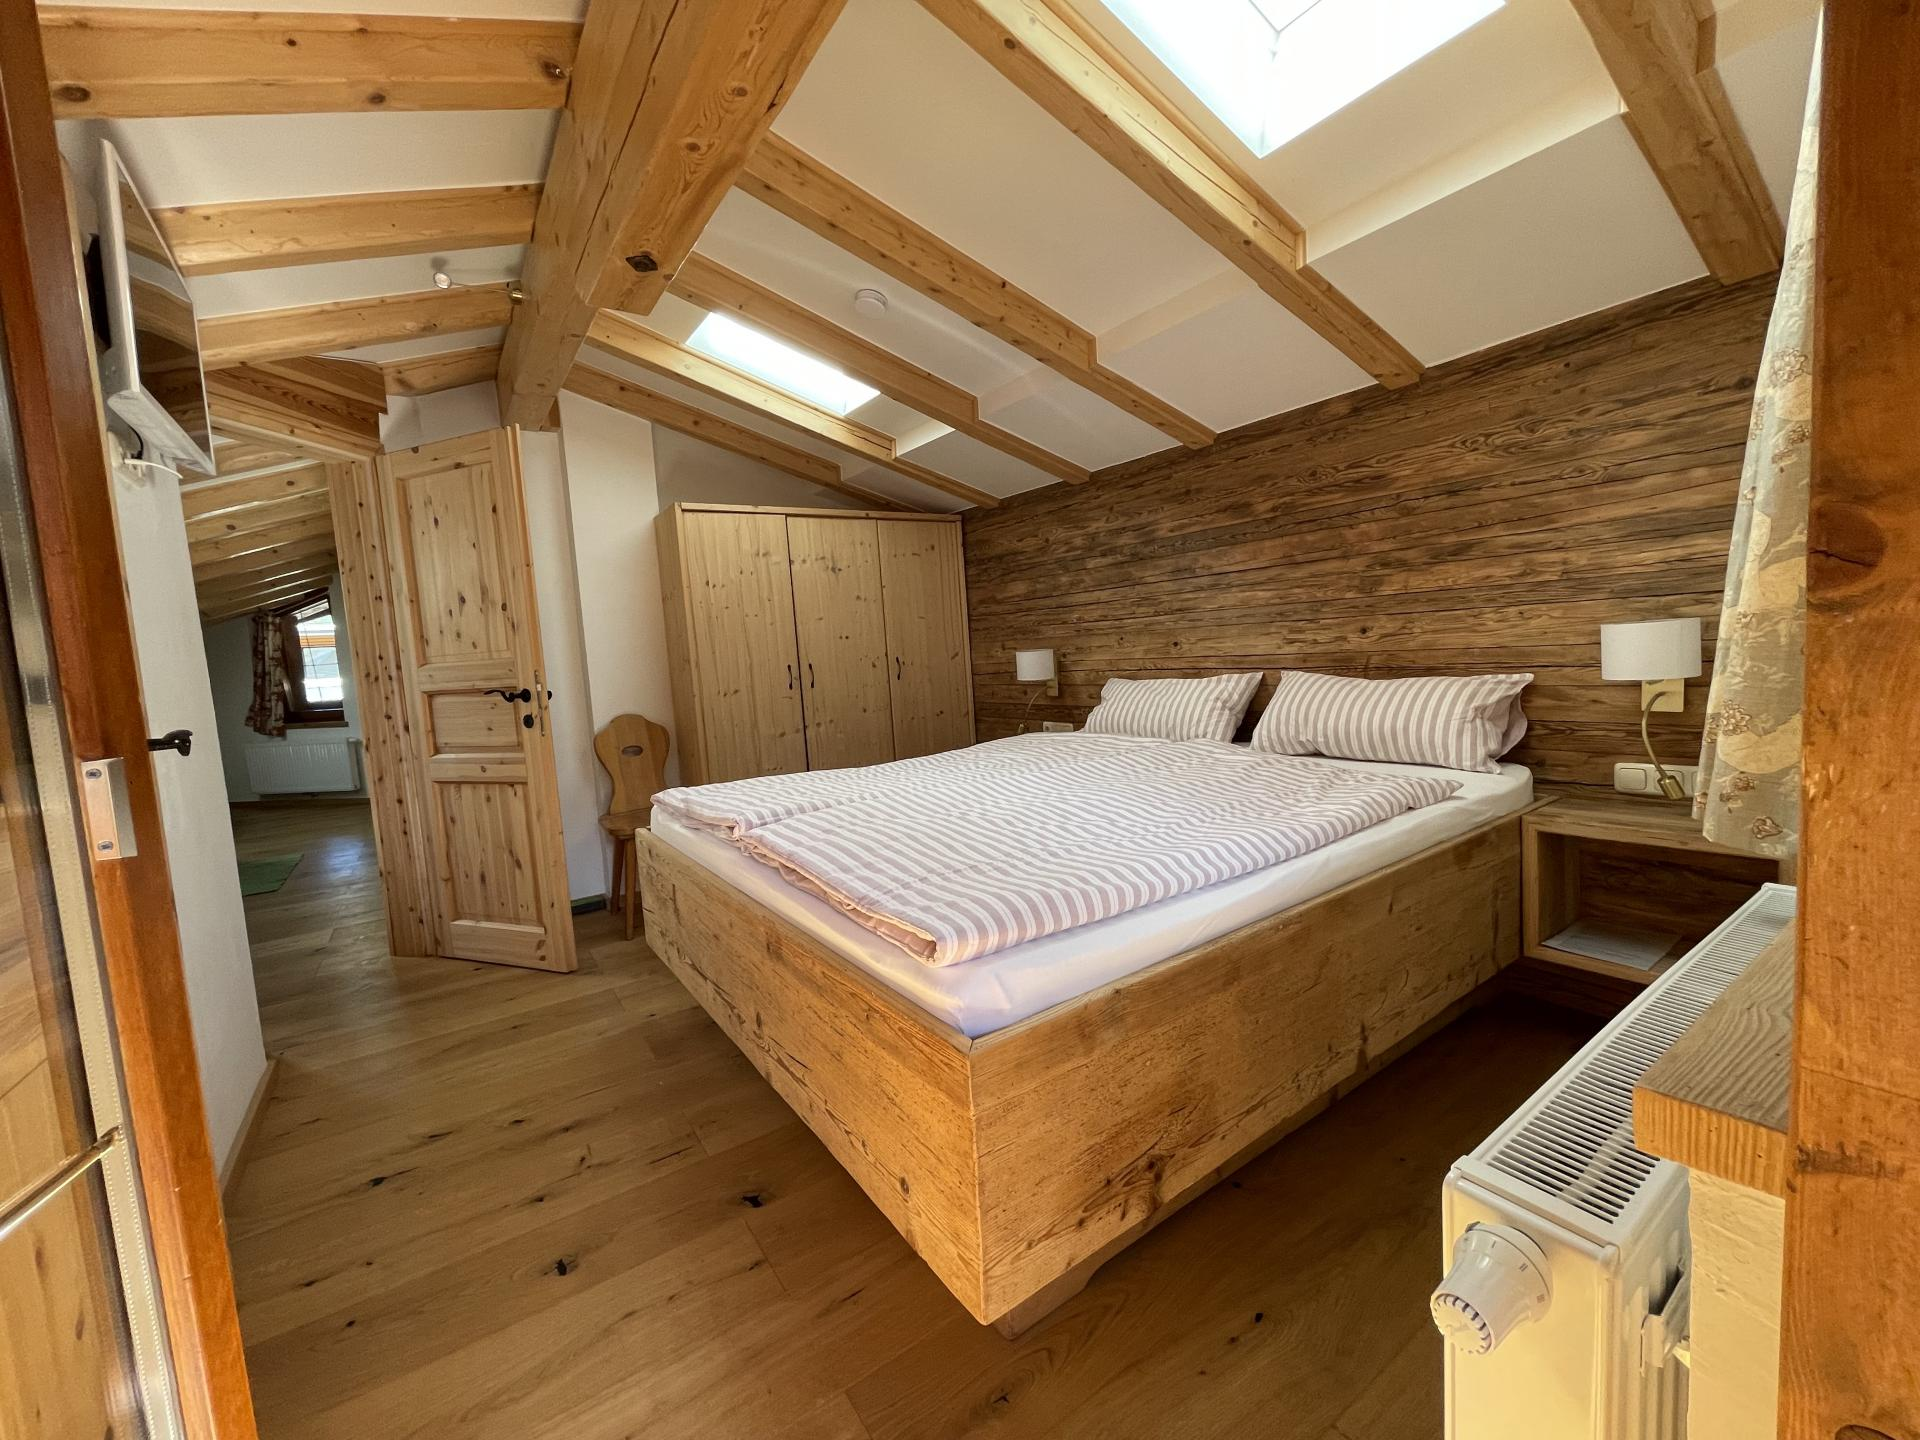 HAUS ERIKA apartments #Wohneinheiten#Bildergalerie#Sommer#Winter